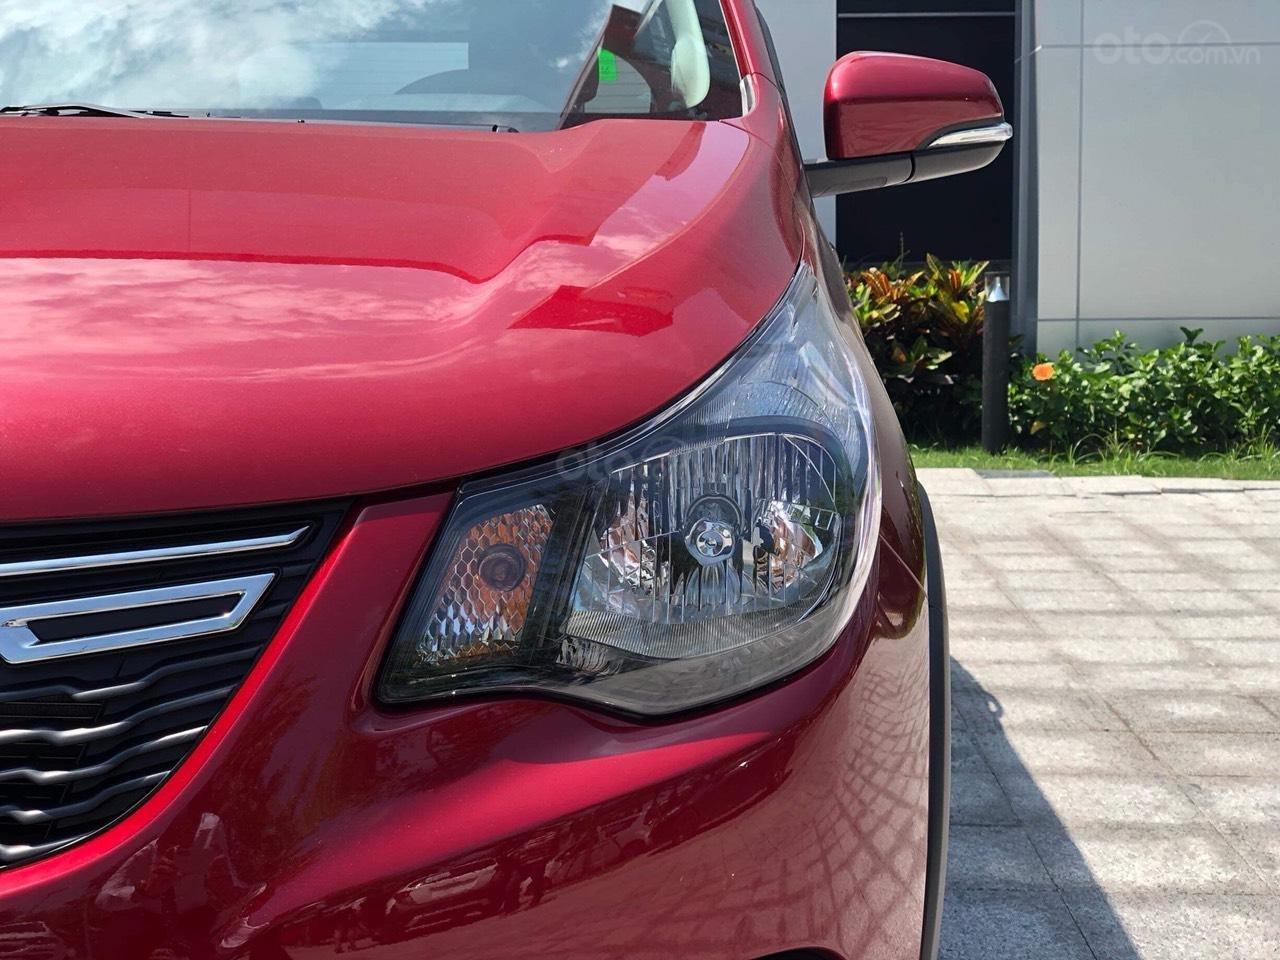 Bán xe VinFast Fadil sản xuất 2019, đủ màu giao ngay 0911234775 em Long (3)